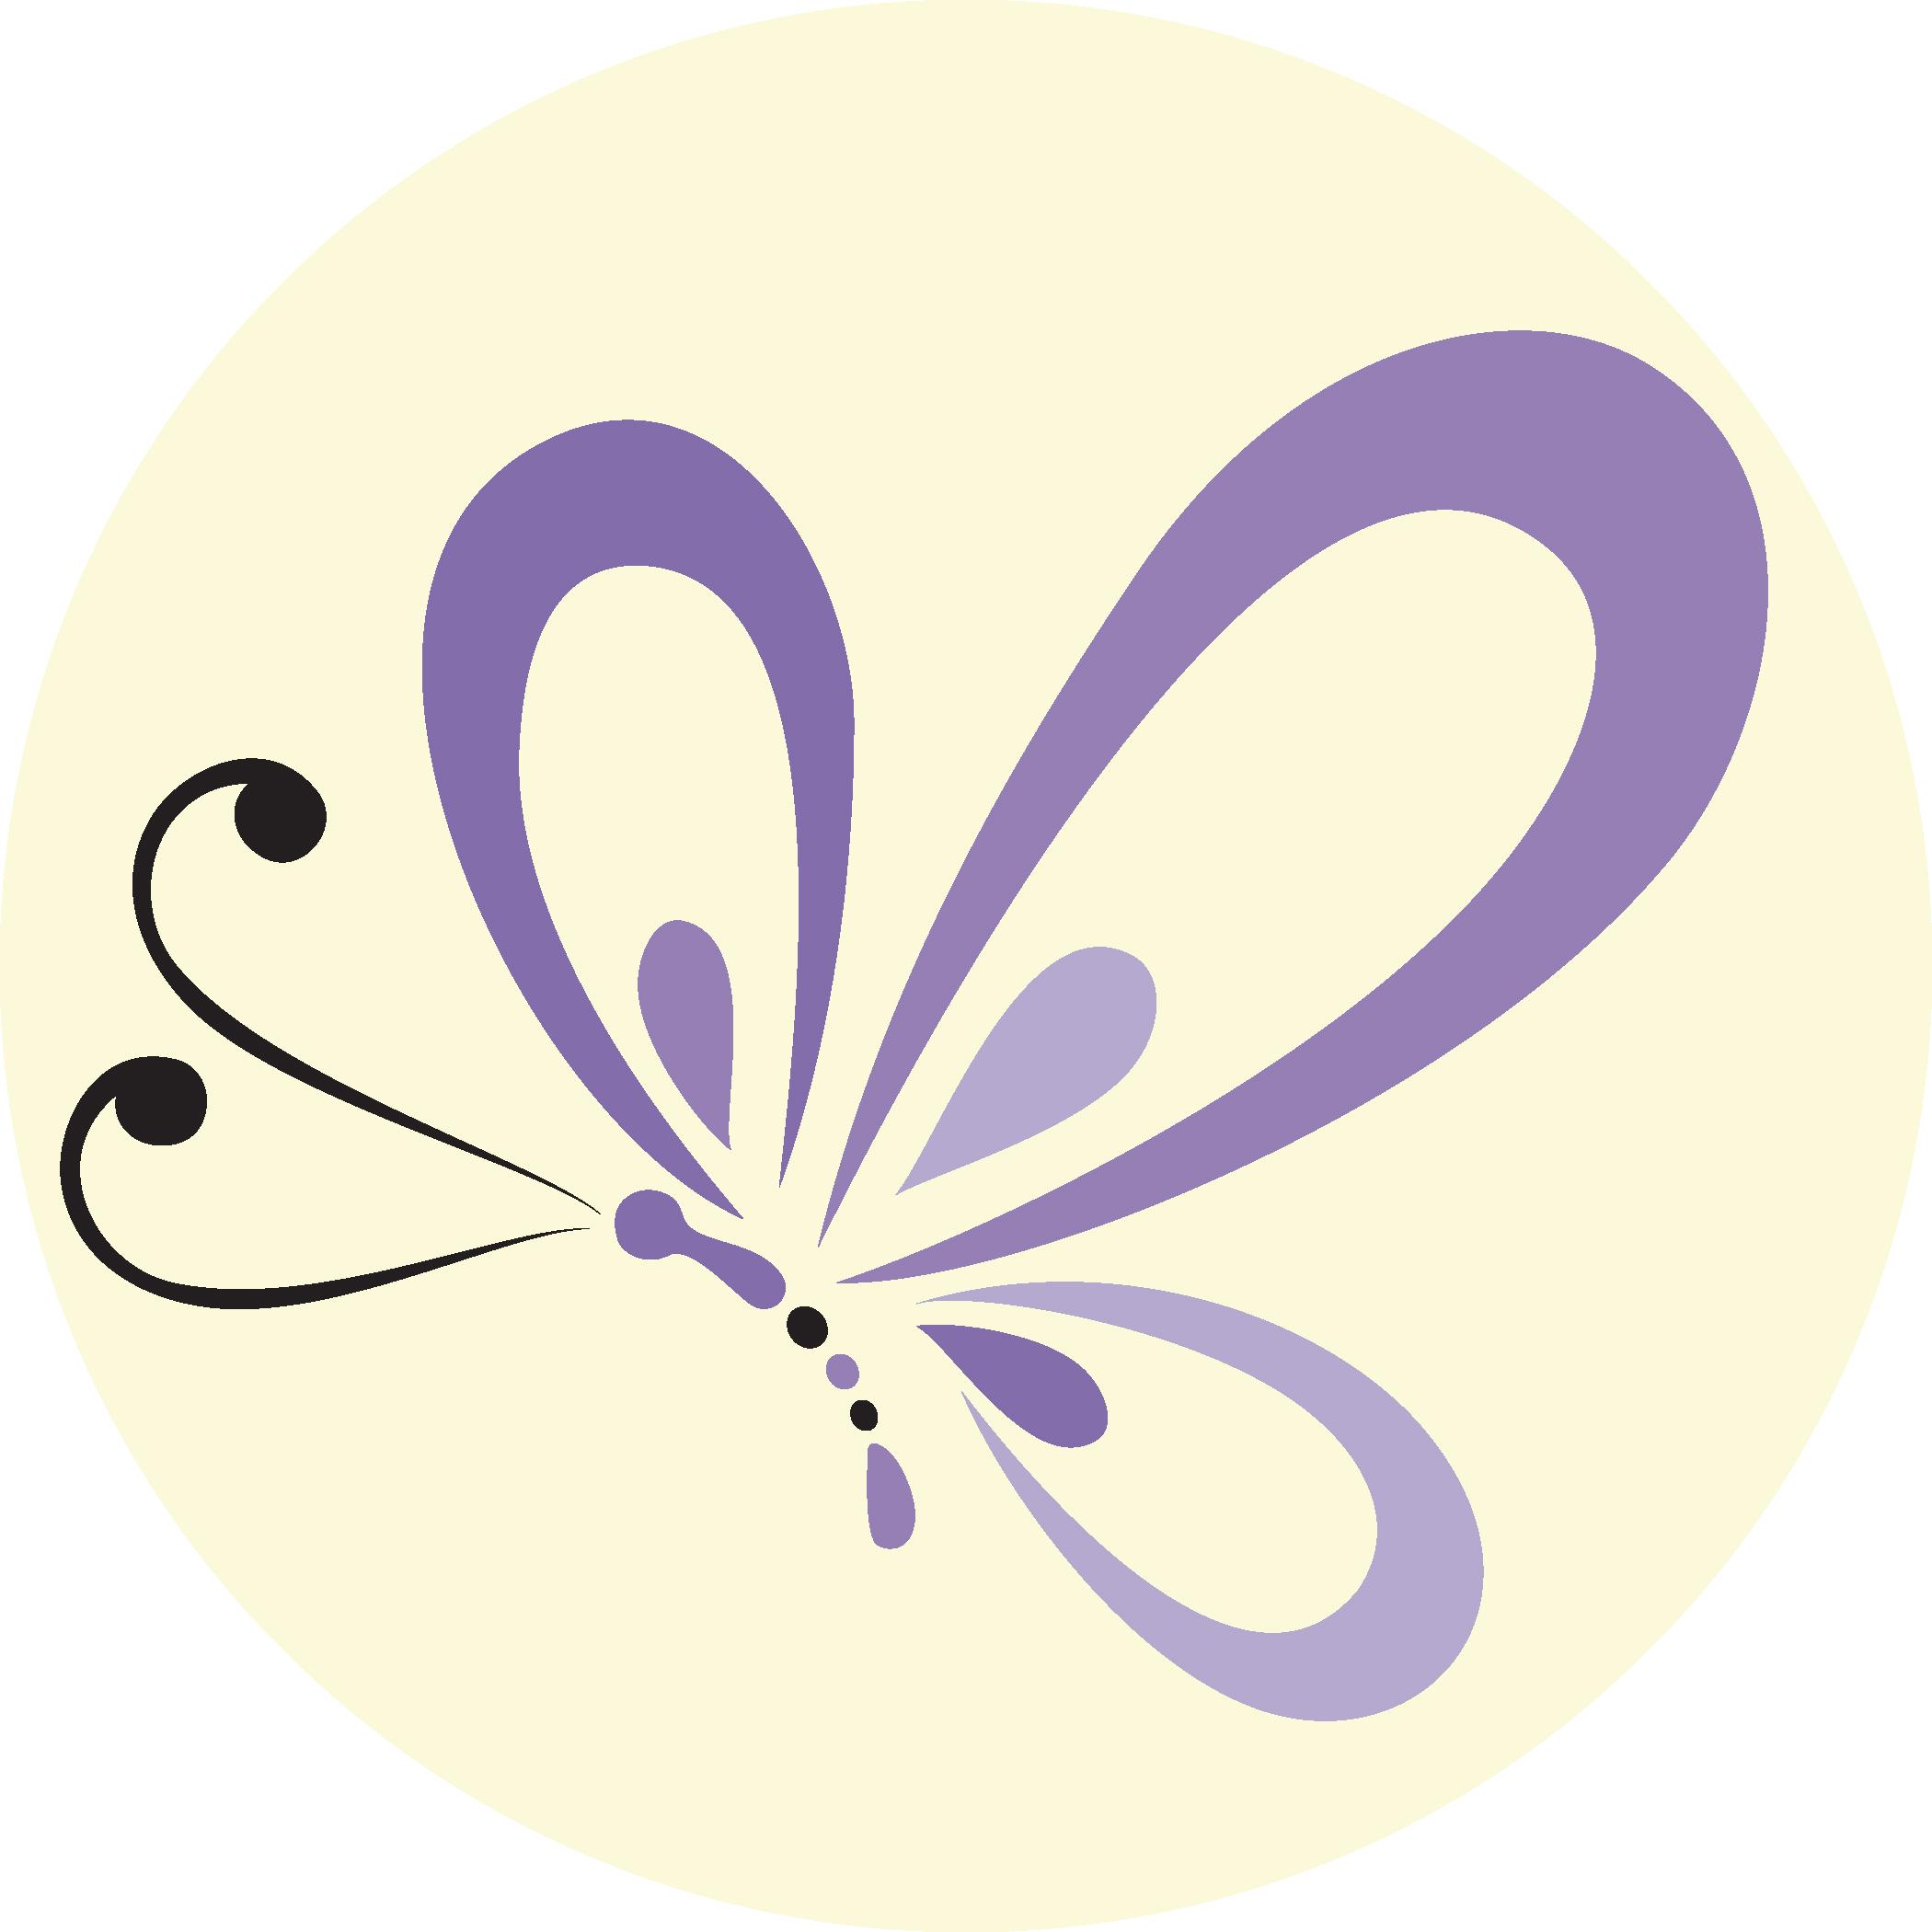 Grieve clipart bereavement #5